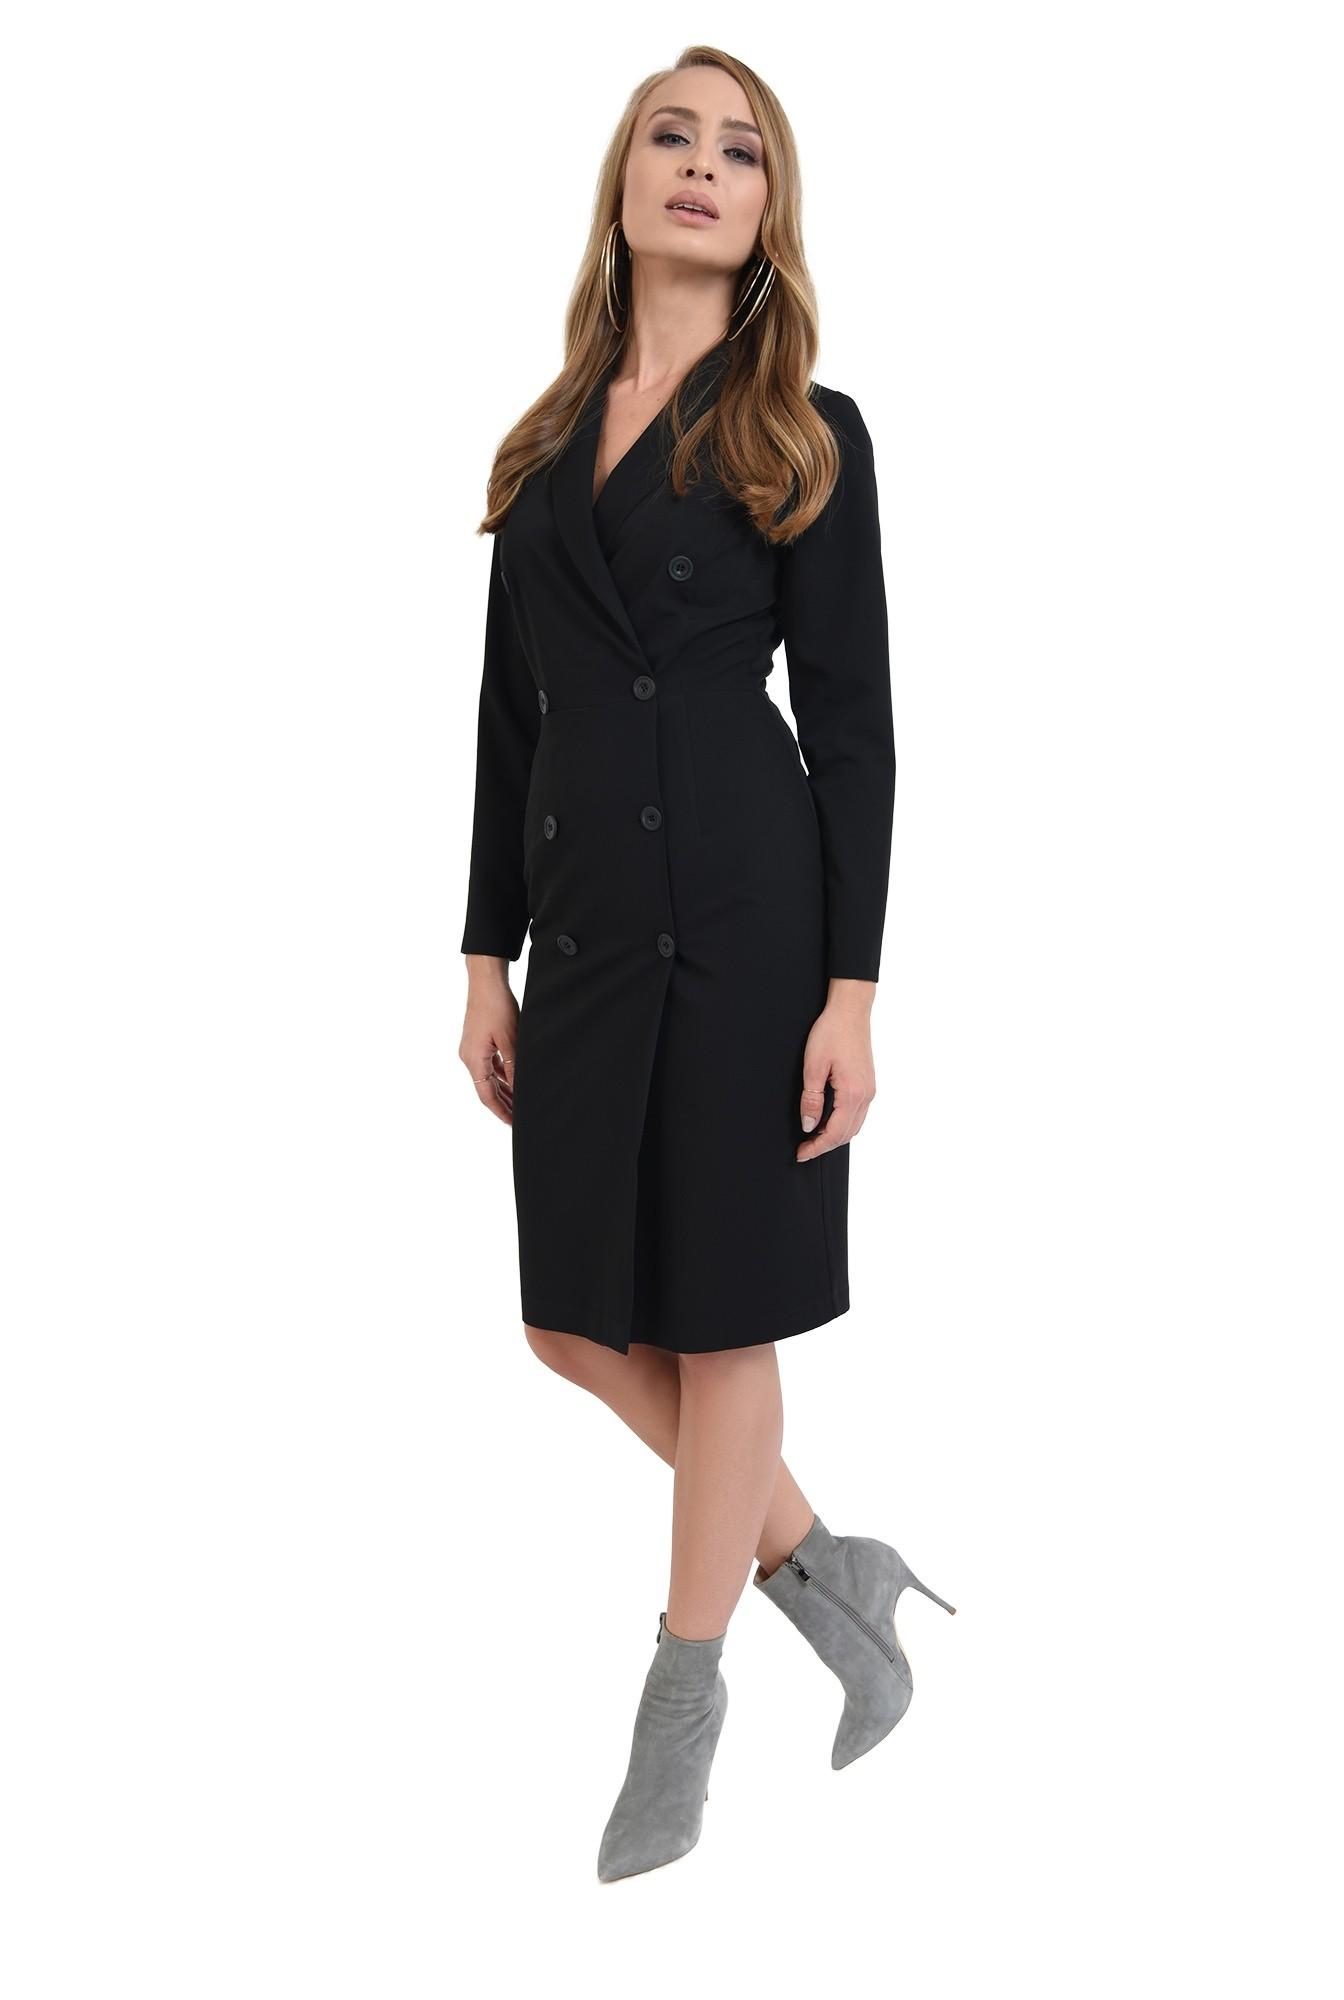 3 - 360 - rochie neagra, midi, cu revere